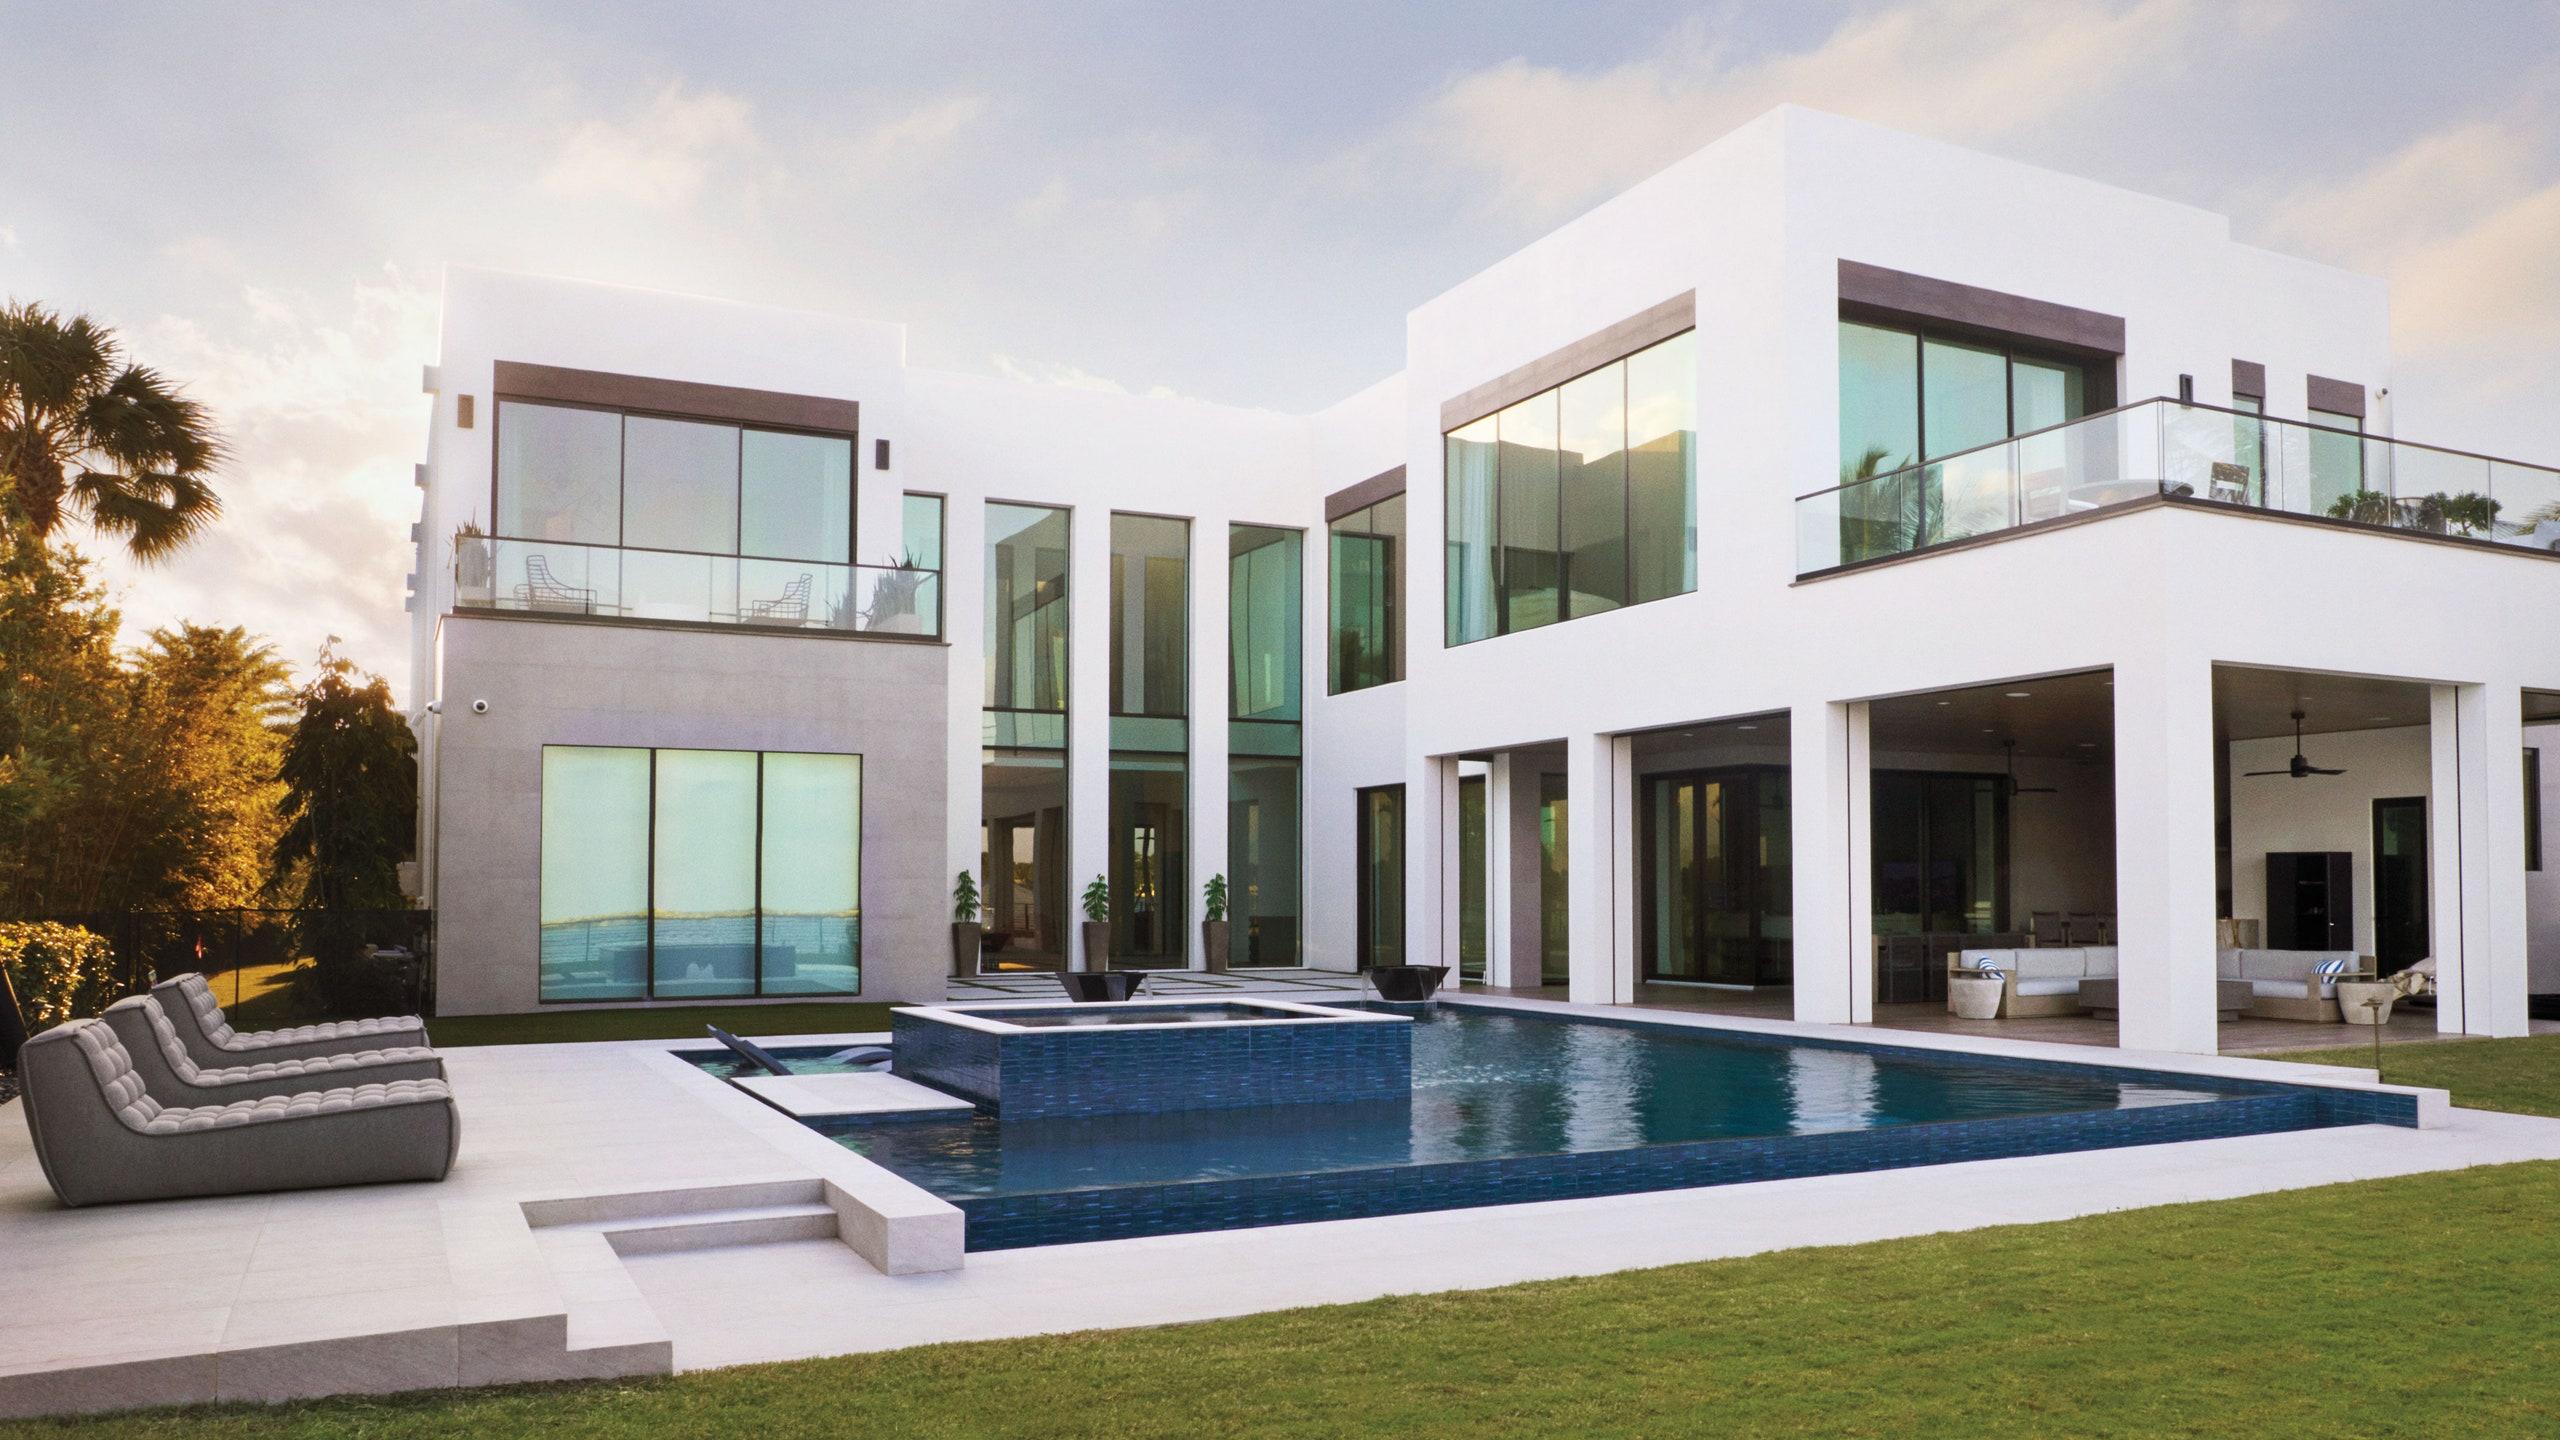 От огромной гардеробной до галереи: Серена Уильямс показала свой новый дом во Флориде